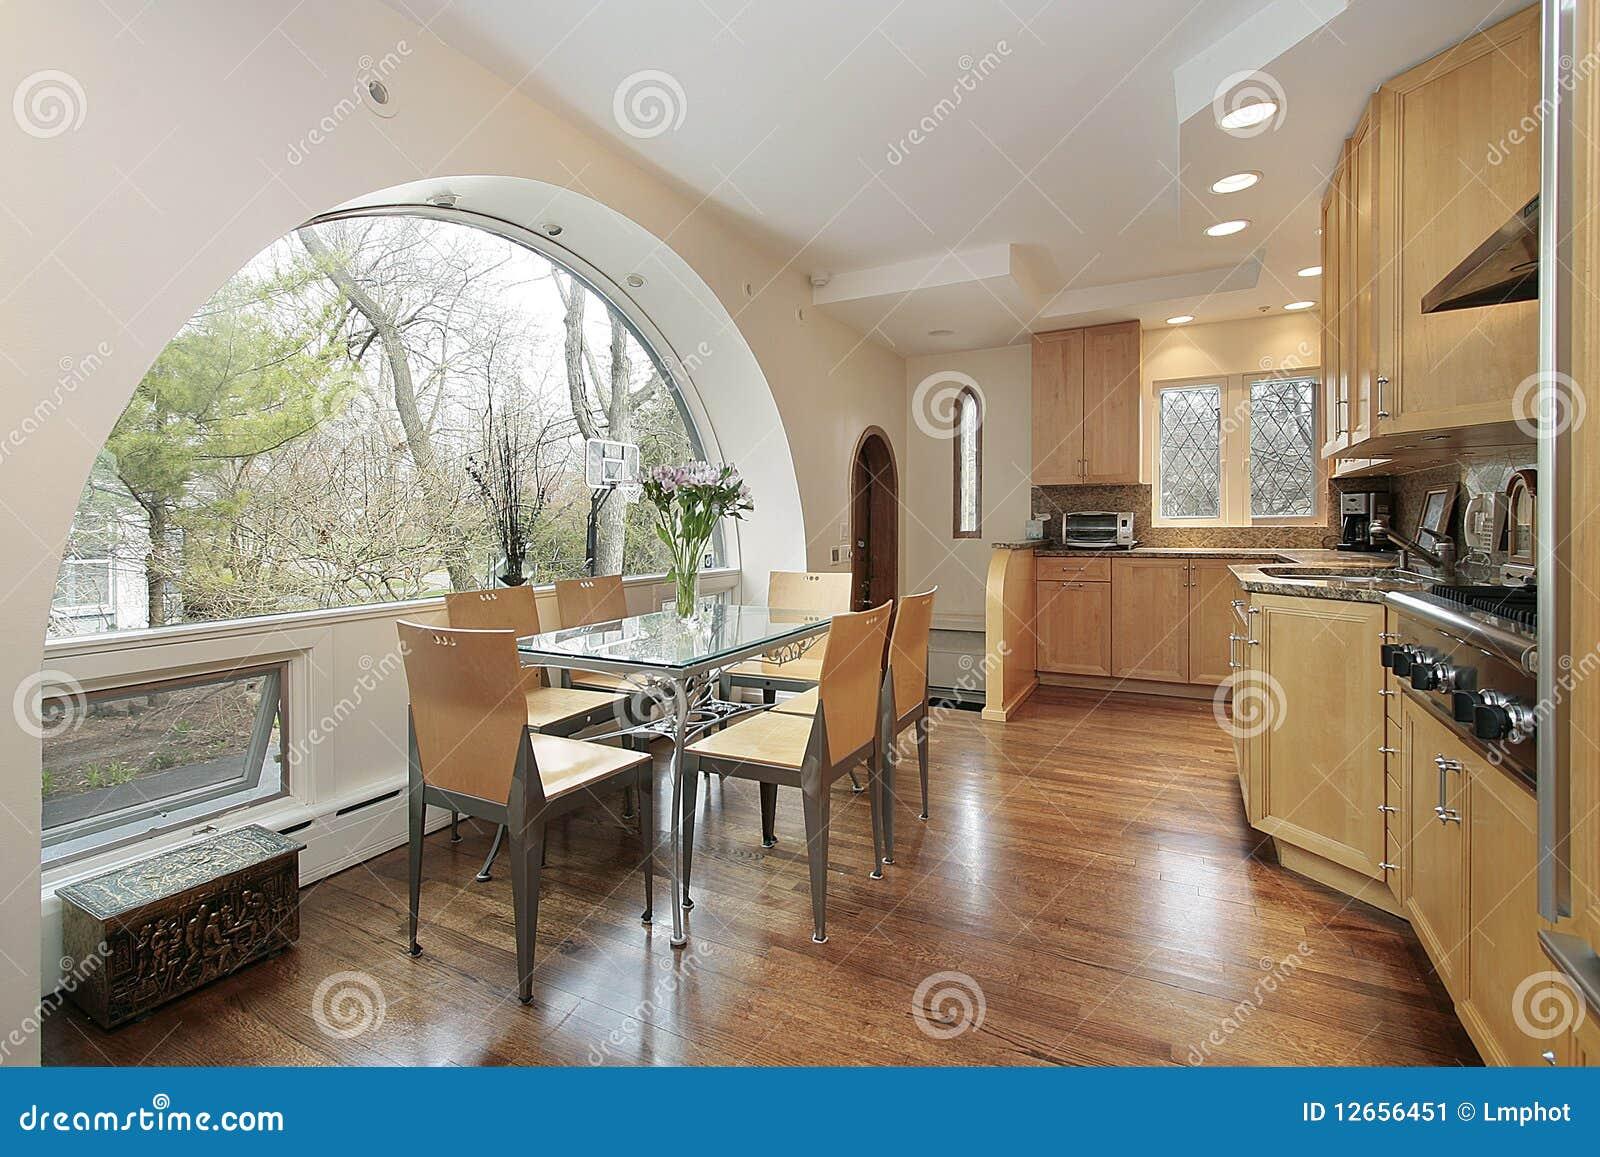 Foto Cucine Con Finestra ~ Ispirazione Interior Design & Idee Mobili